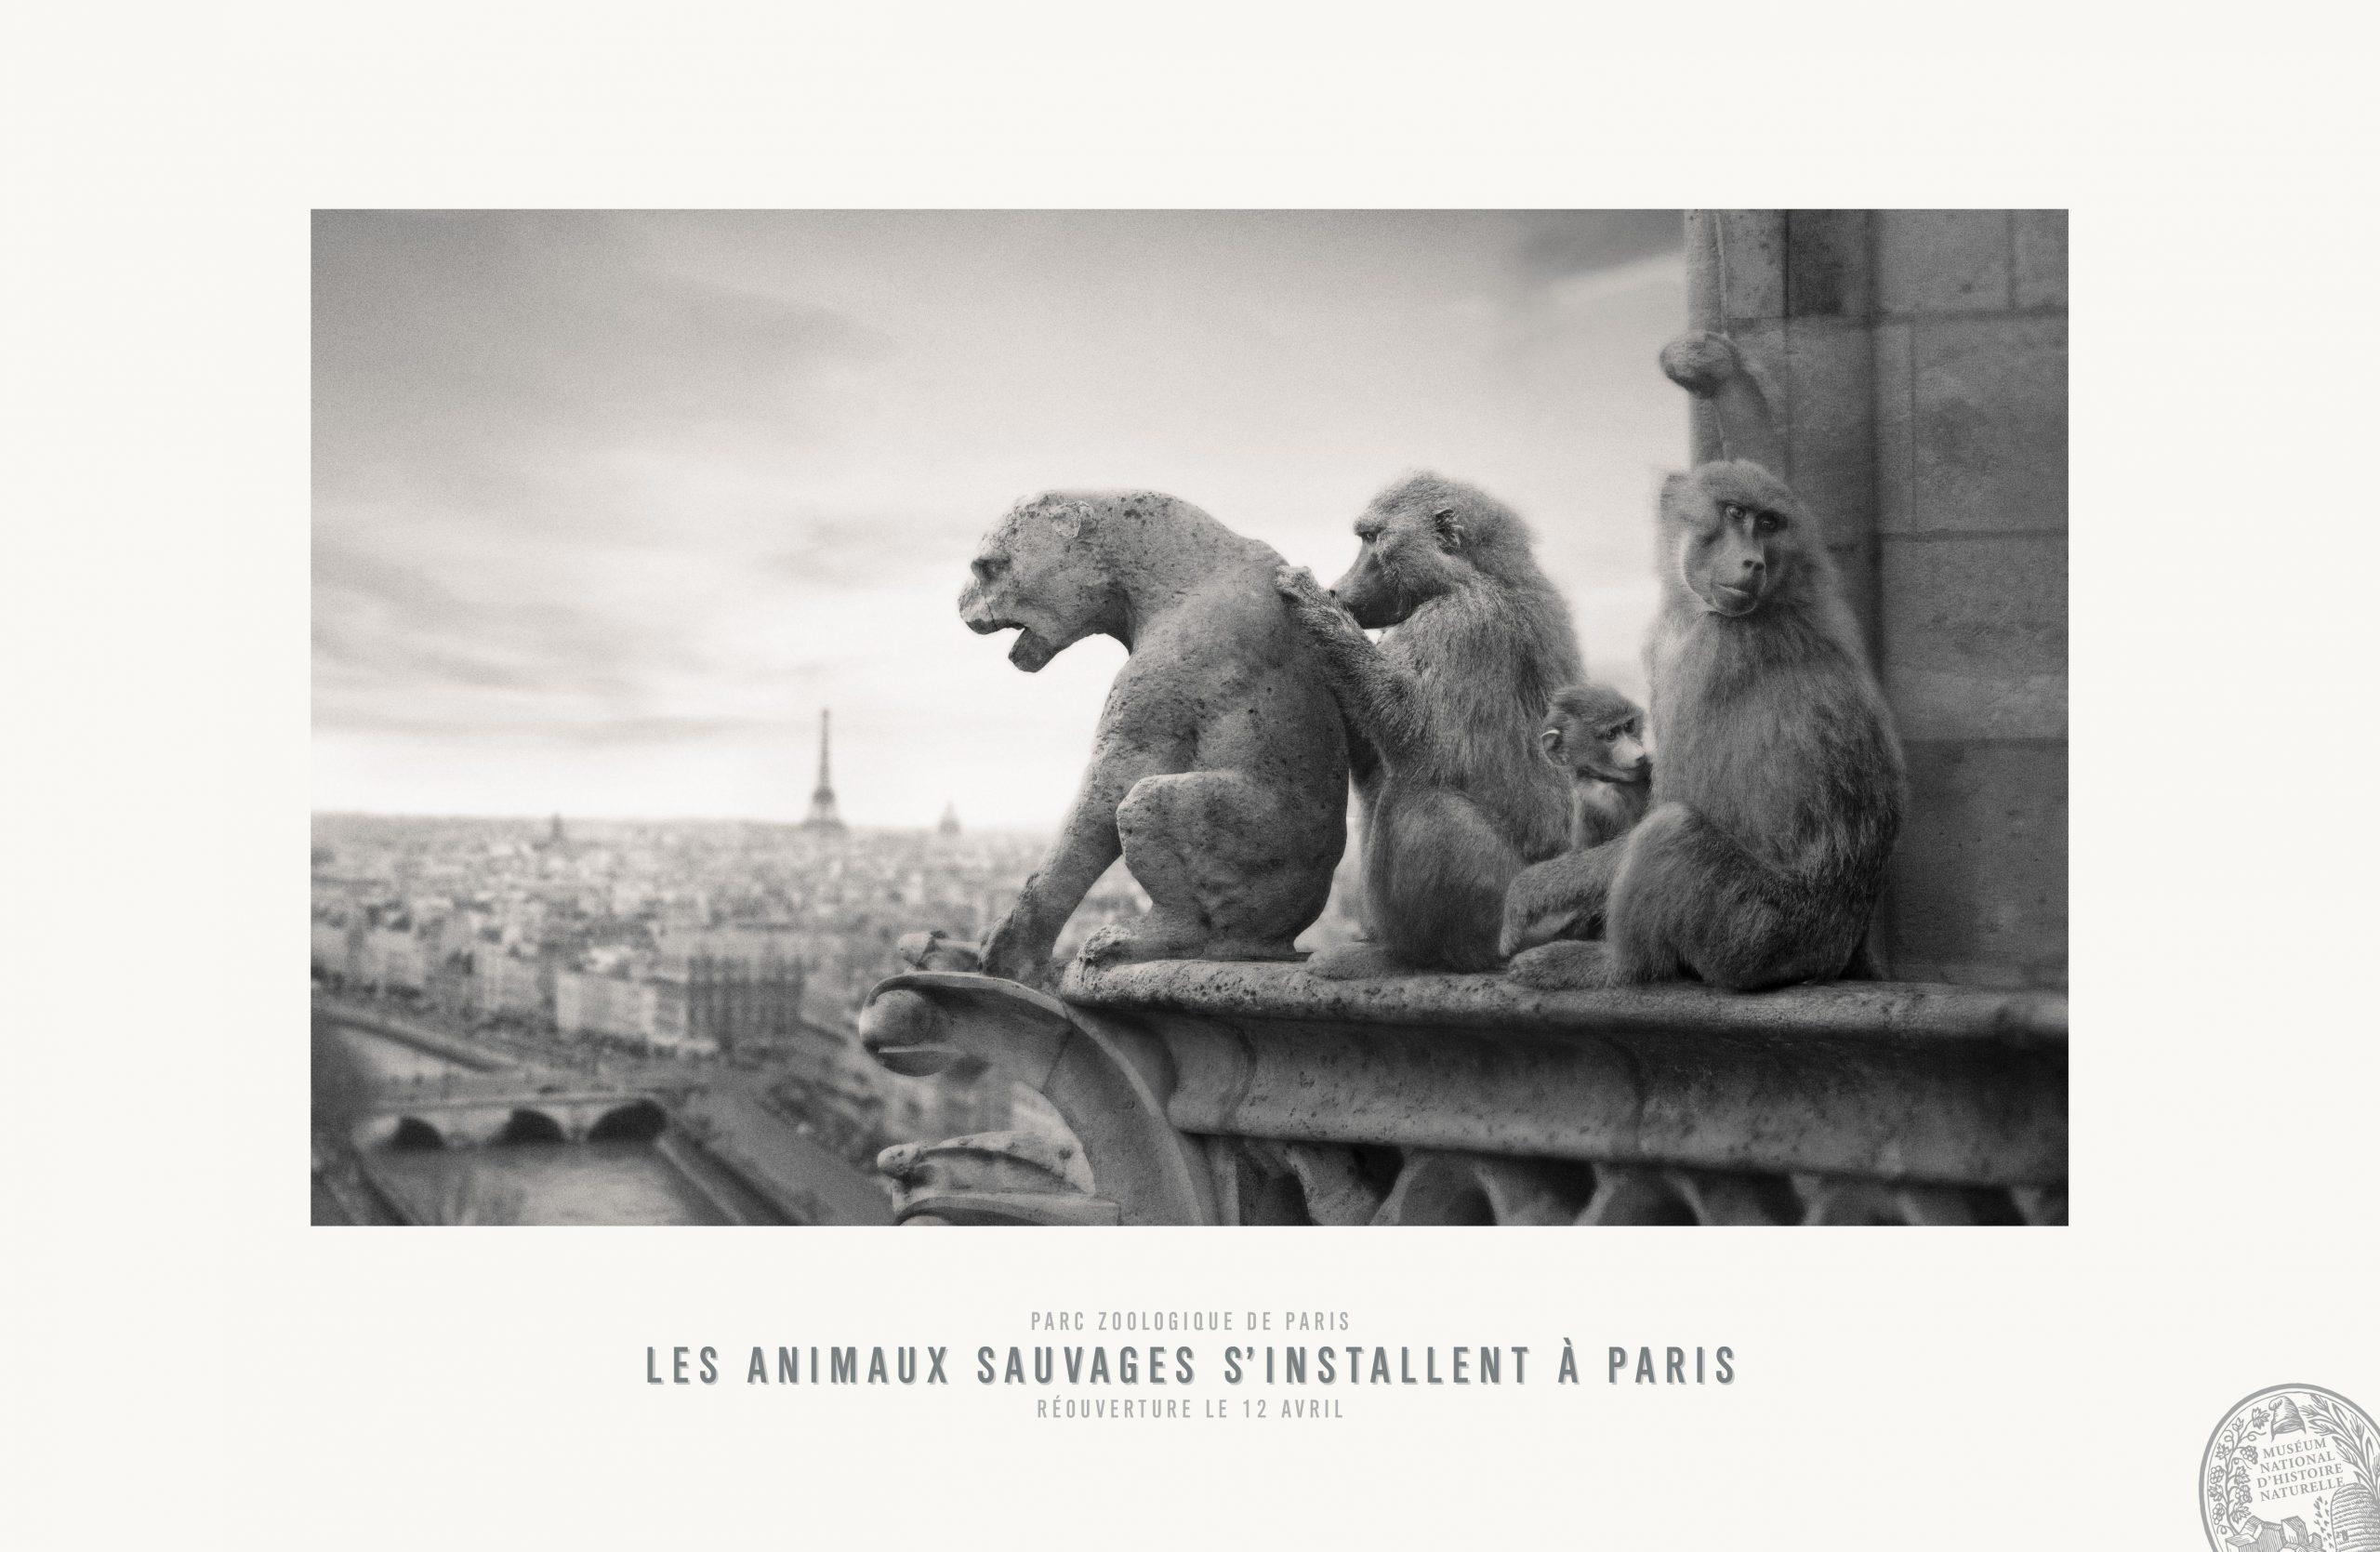 17_2014-311photo-publiciscons-pariszoo-notredam-1551-1024x668